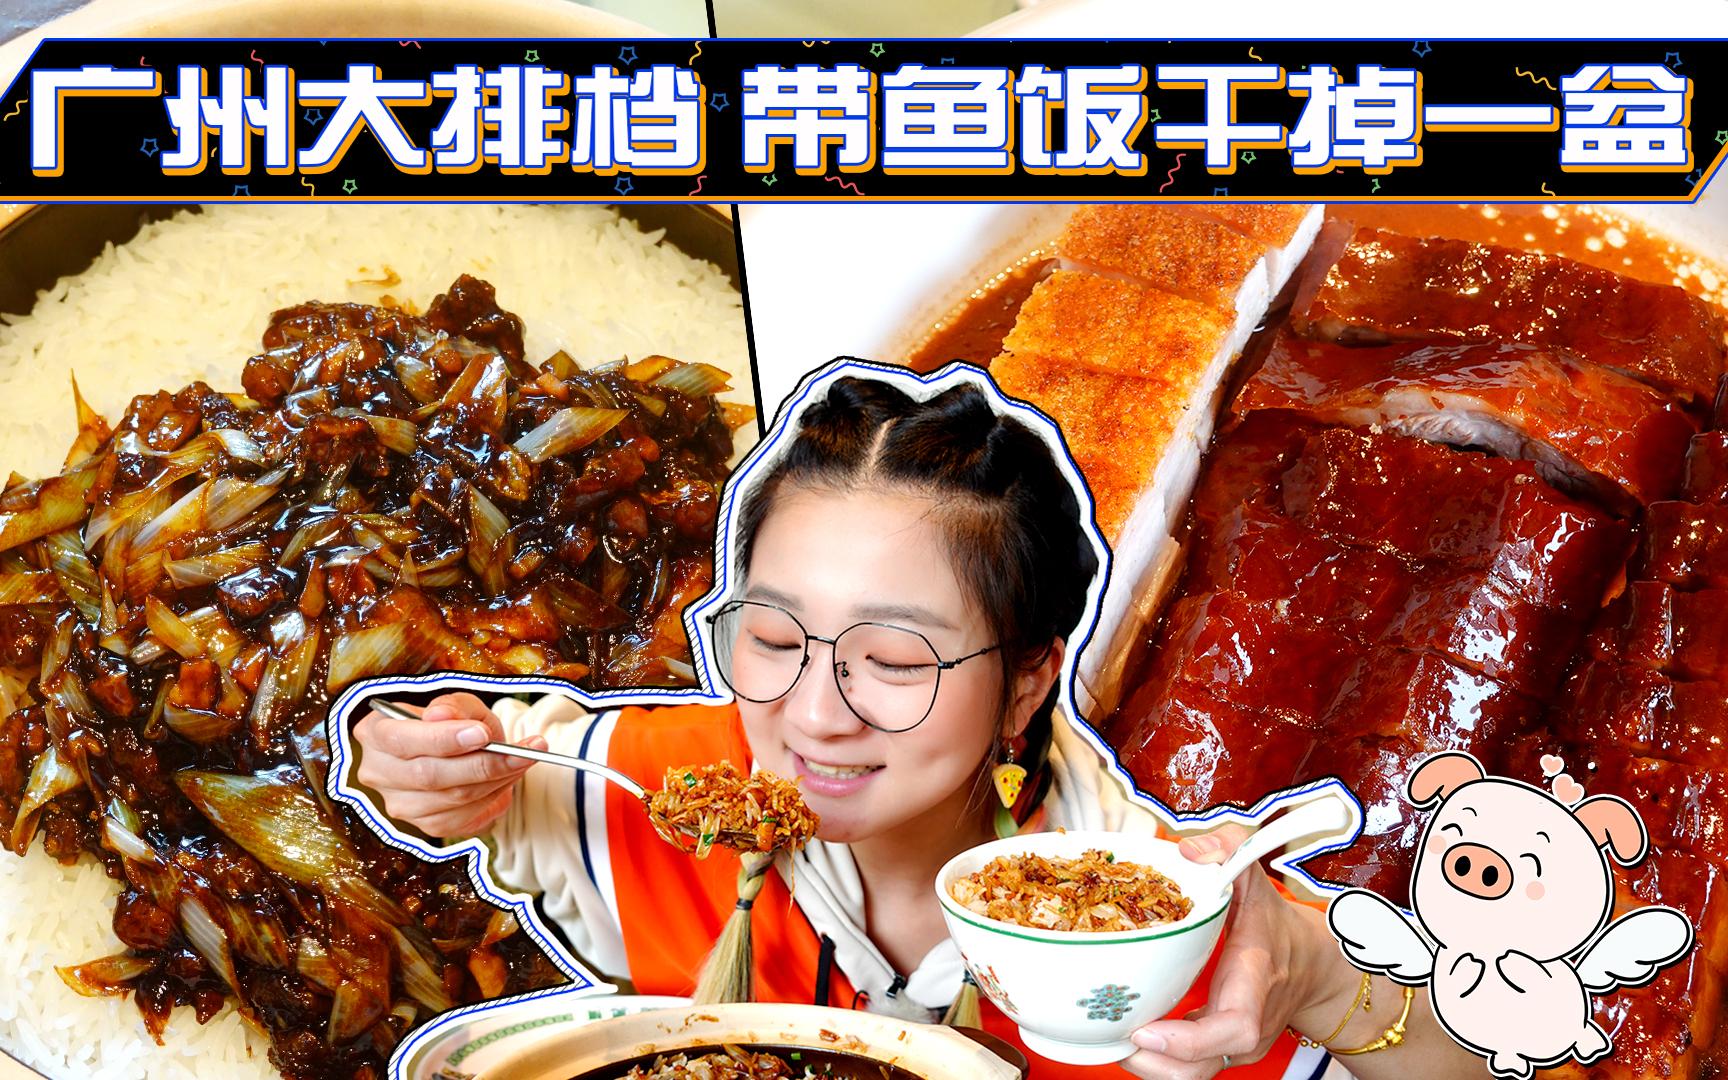 【逛吃北京】酱汁满满的带鱼饭干掉一盆!雪山包是叉烧馅,巨香!